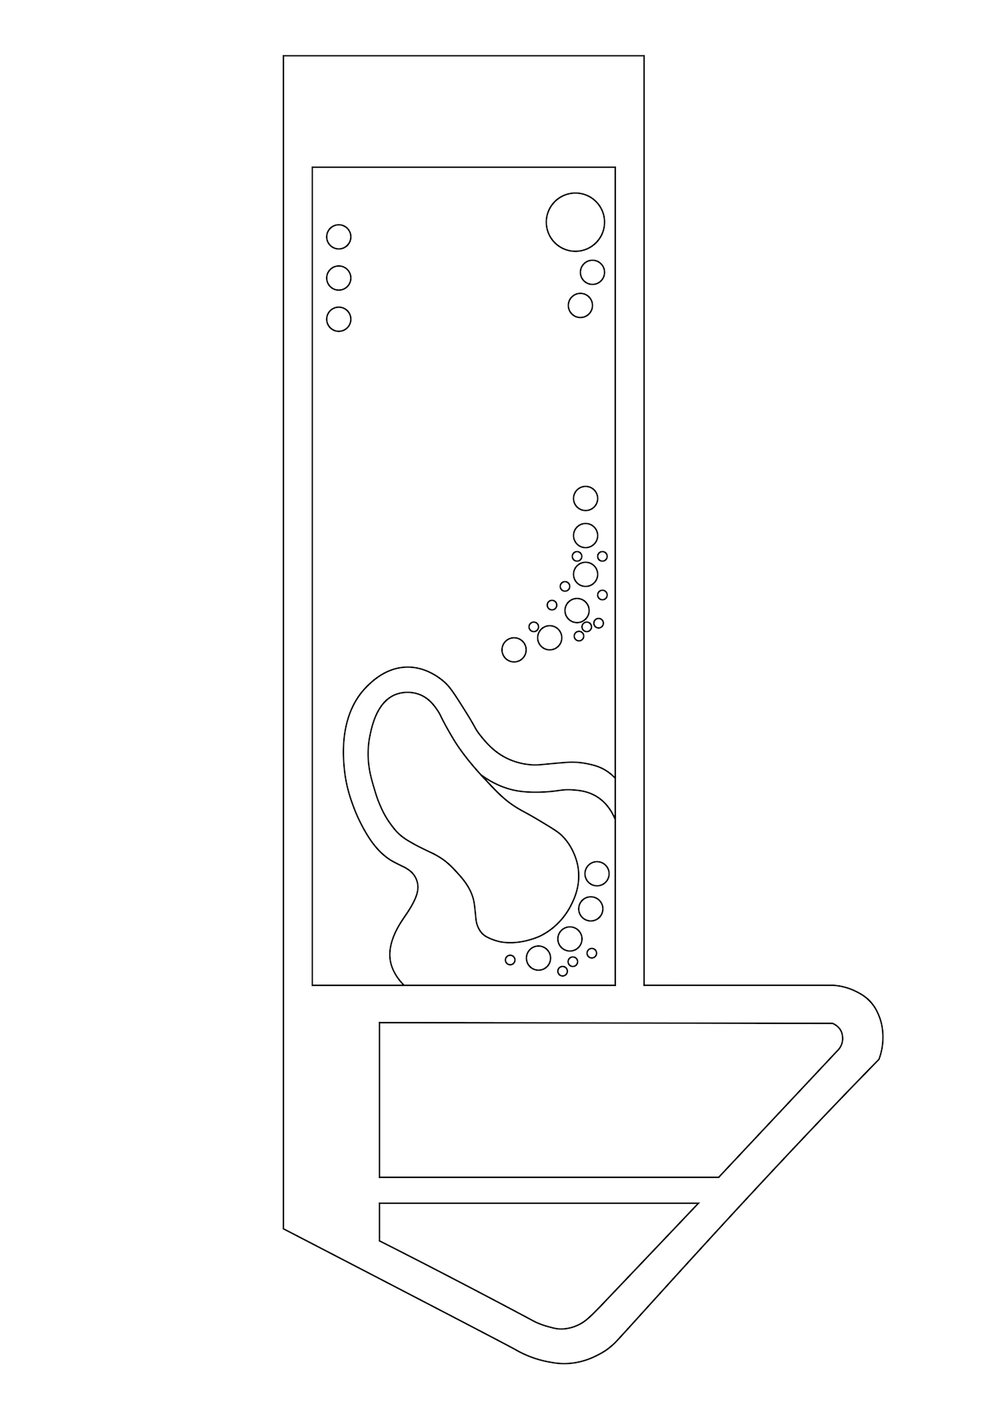 4_Zeichenfläche 1.jpg